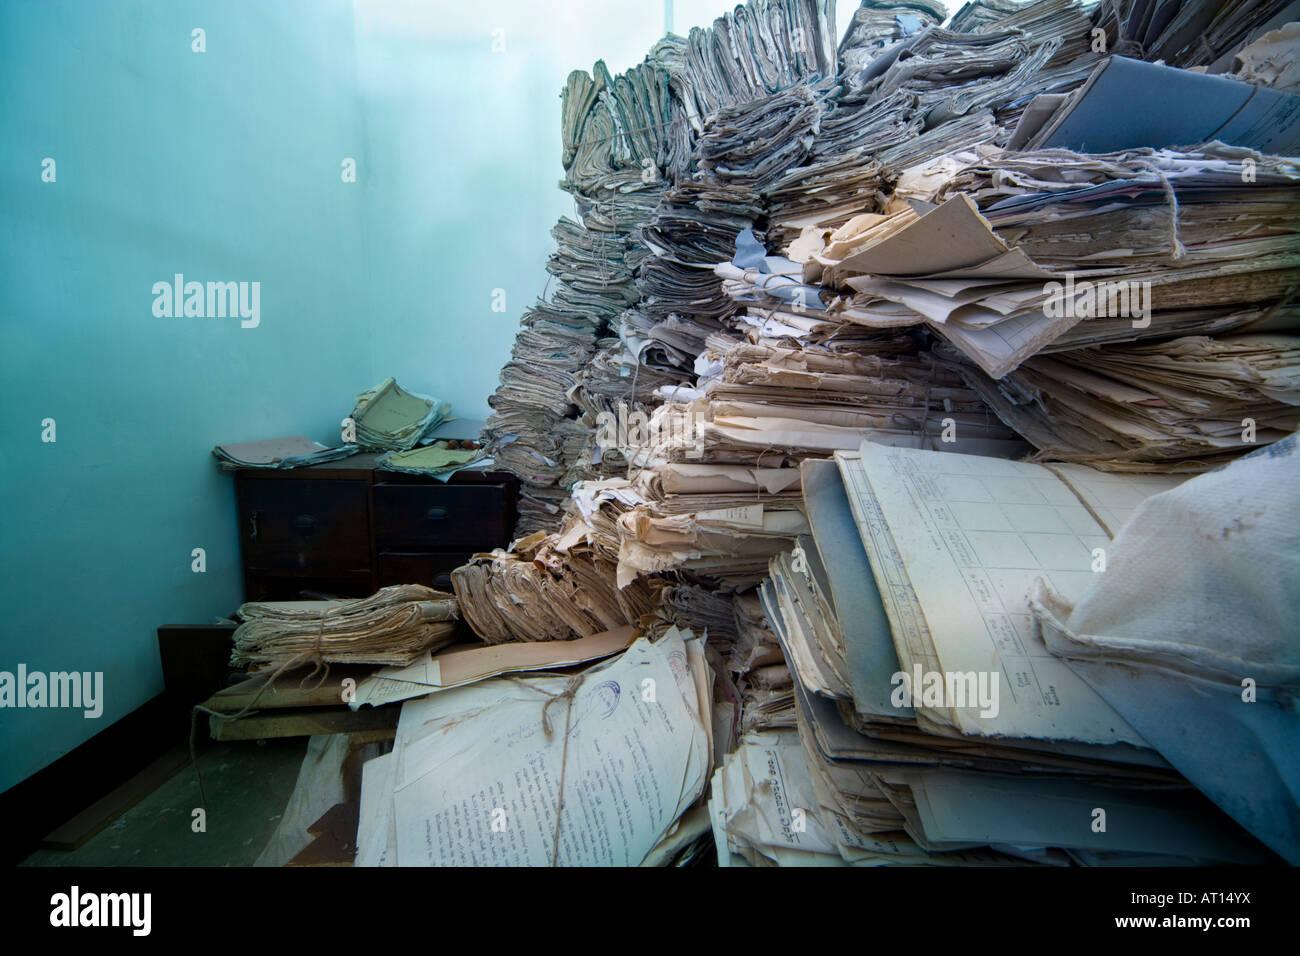 Haufen von Gerichtsakten, Papierkram, in einem Archiv in Sri Lanka. Stockbild